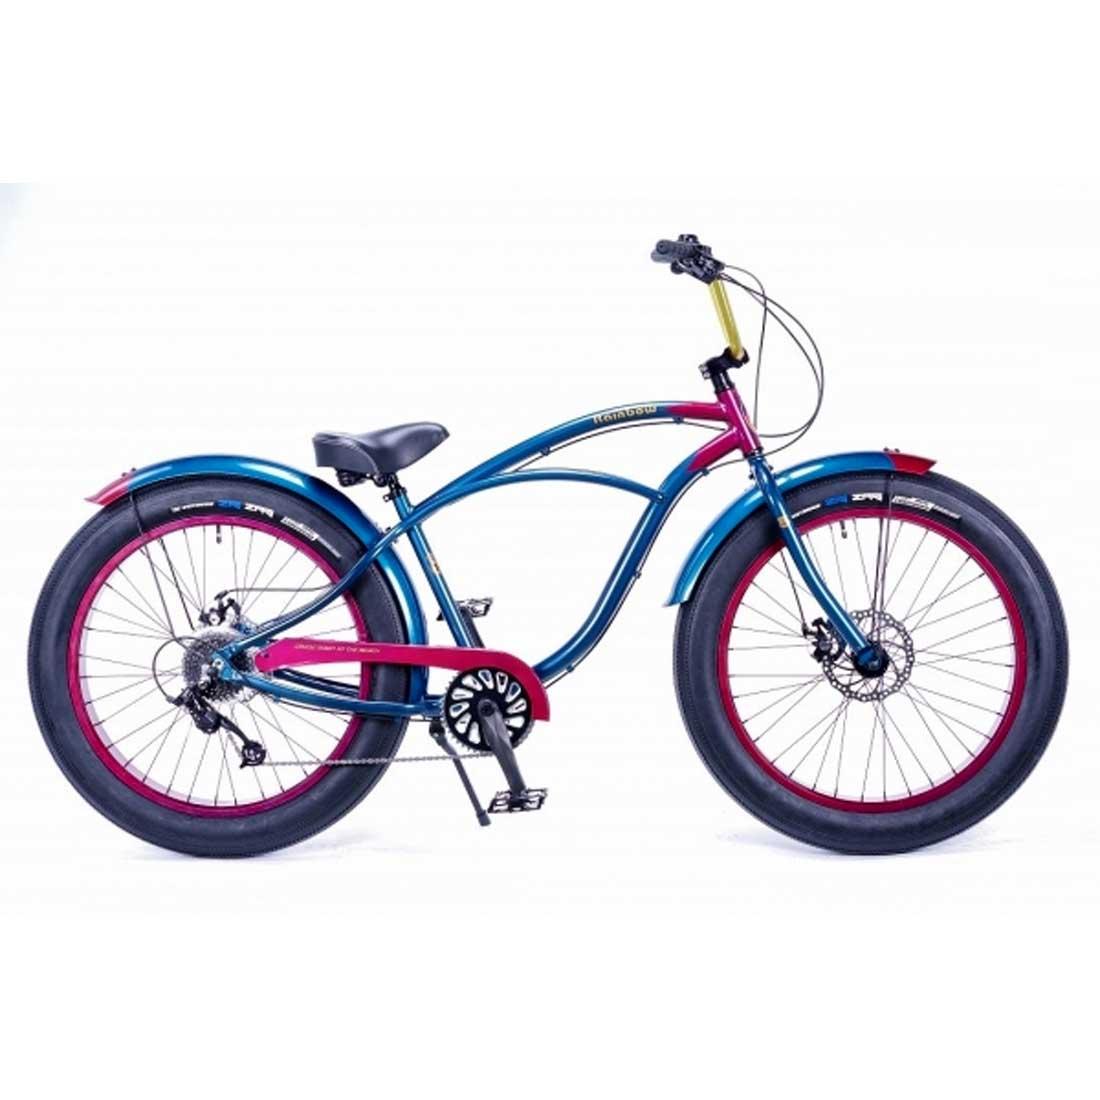 レインボー ビーチクルーザー ファットバイク 26インチ 8段変速付 おしゃれ 自転車 通勤 通学 メンズ レディース GREASE-4.0 キャプテン(ブルー×レッド)